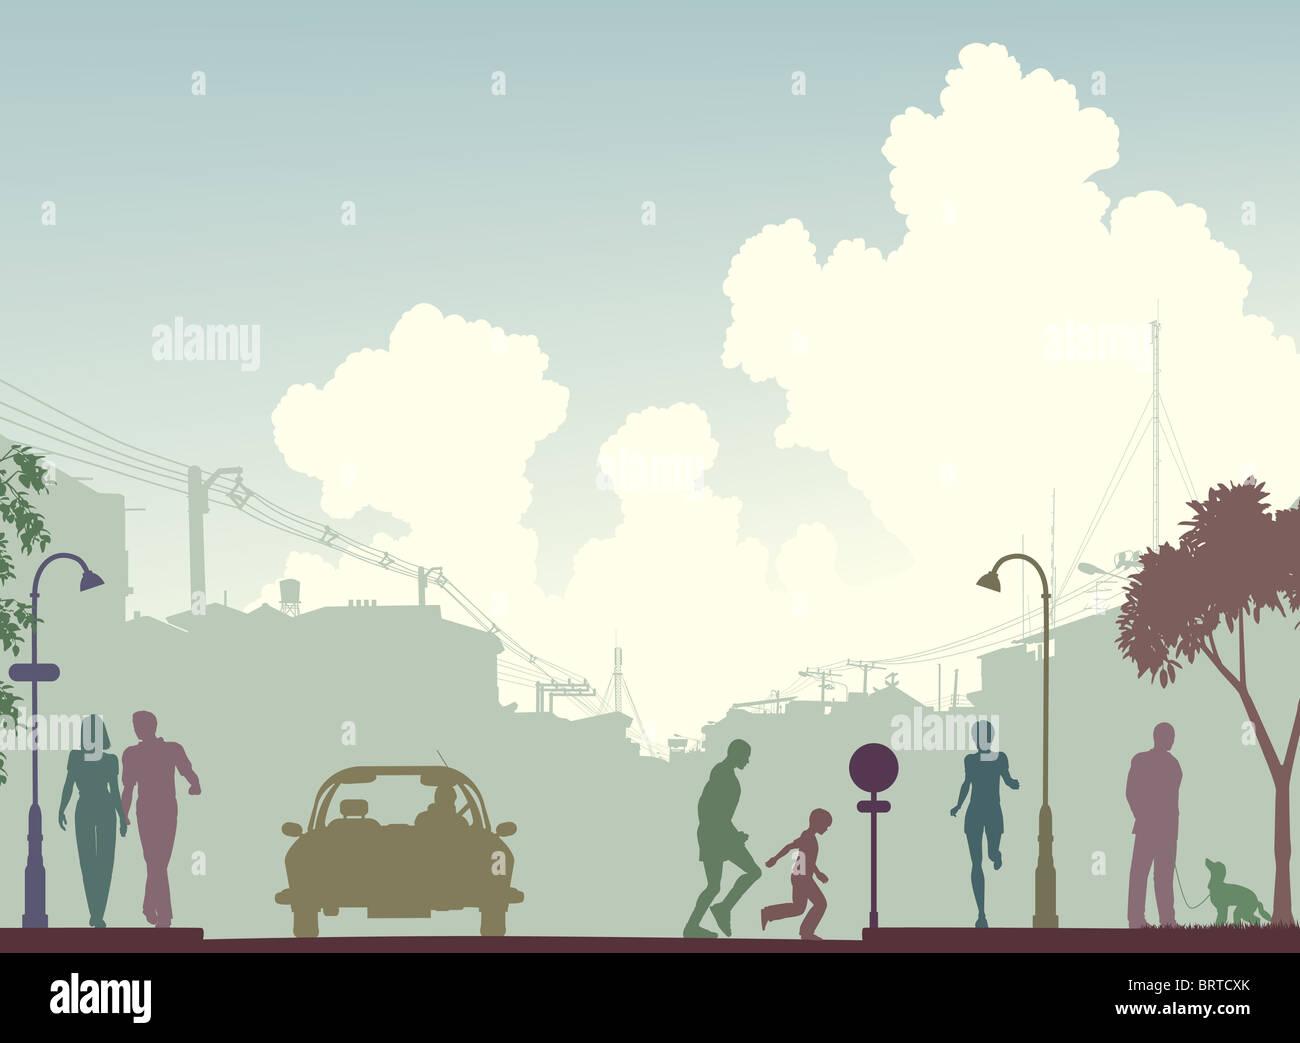 L'Illustre silhouette d'une rue animée avec copie espace Photo Stock